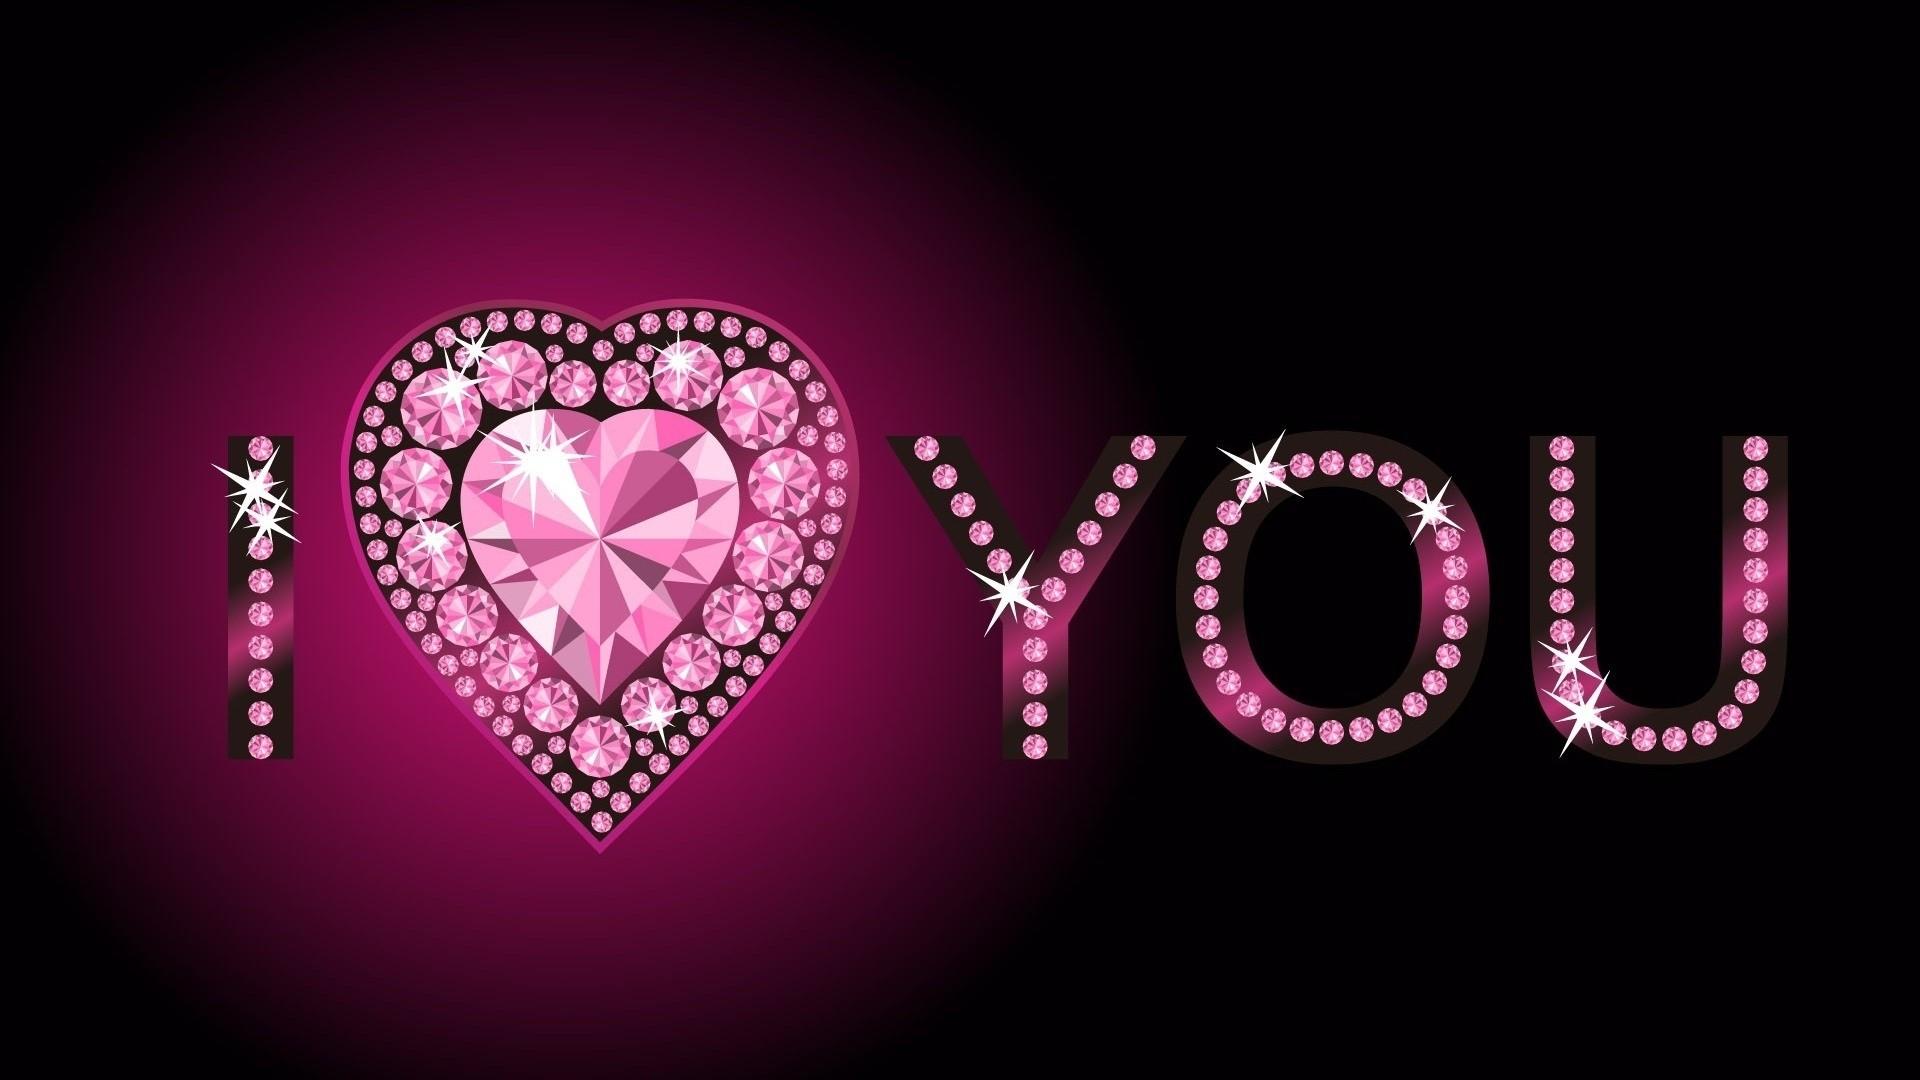 Cute Love Heart wallpaper HD Free Pink Heart Wallpapers 1920×1200 Wallpapers  Of Love Hearts